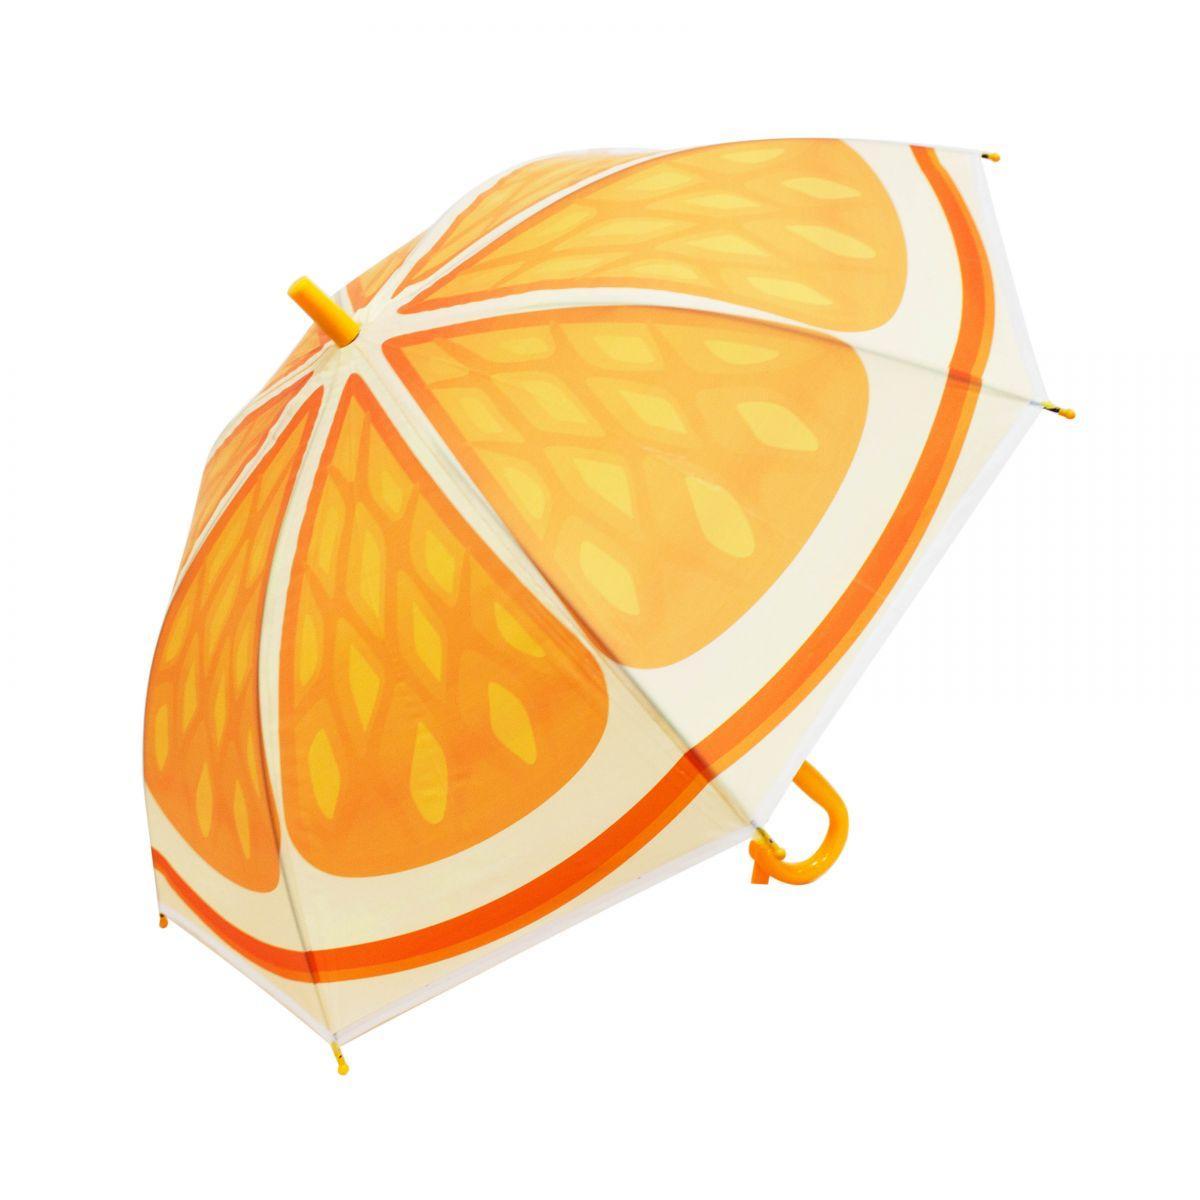 Зонт детский Апельсин со свистком BT-CU-0025